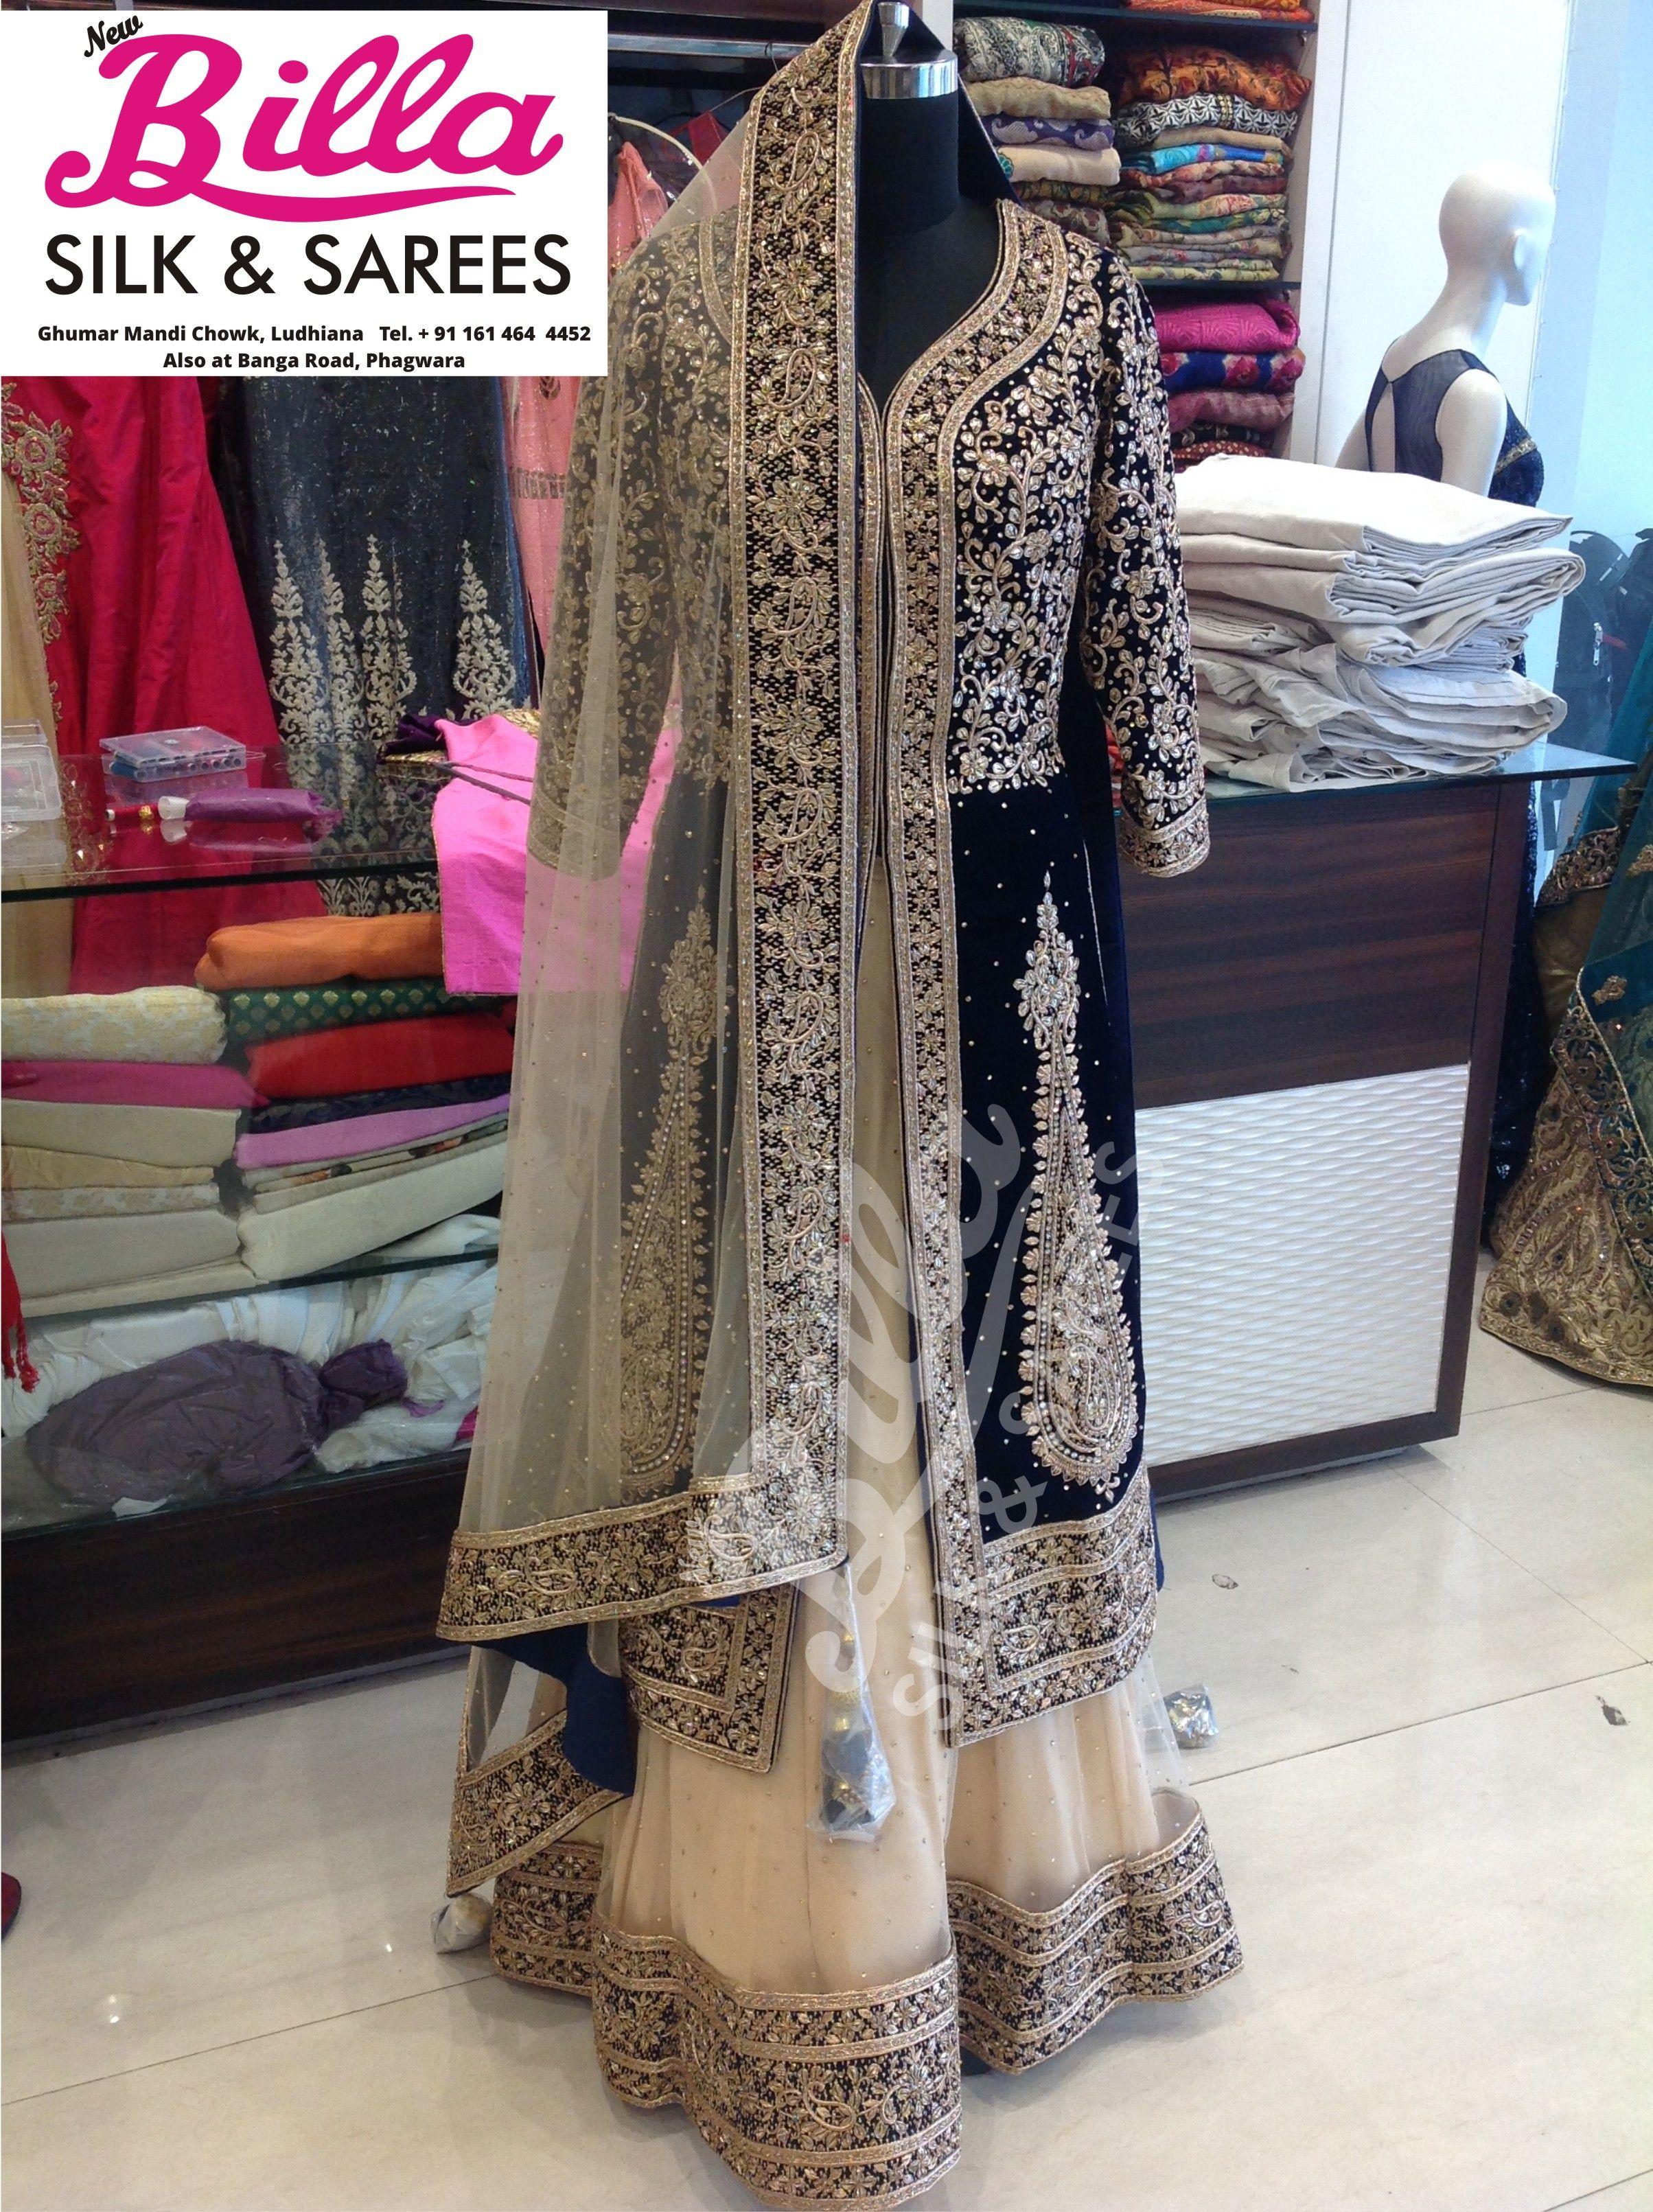 Cheap Silk Store Ludhiana